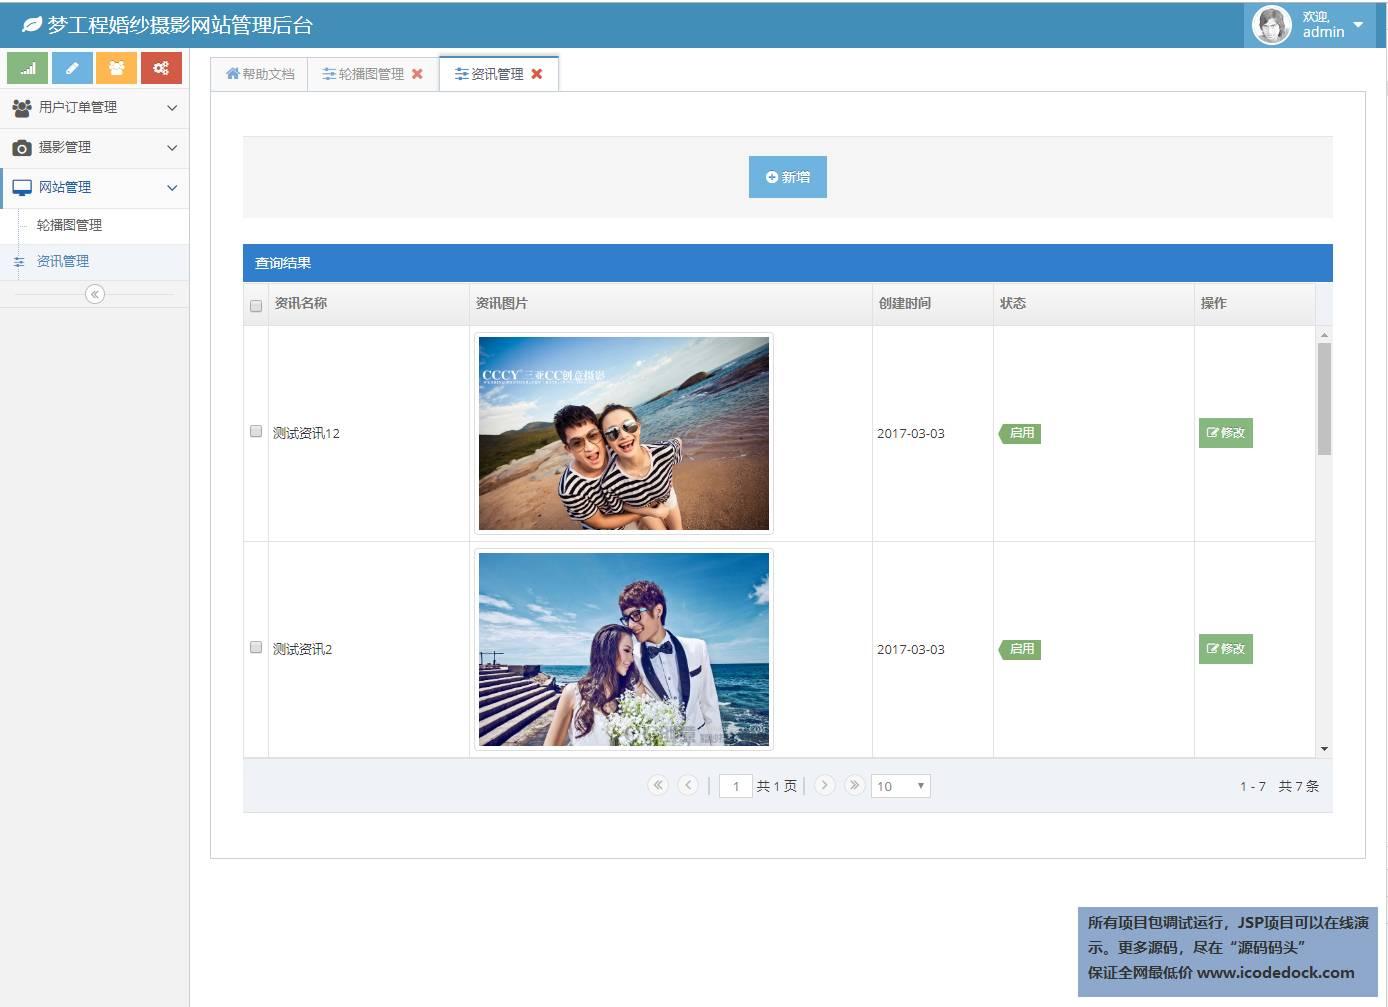 源码码头-SpringBoot婚纱影楼摄影预约网站-管理员角色-资讯管理